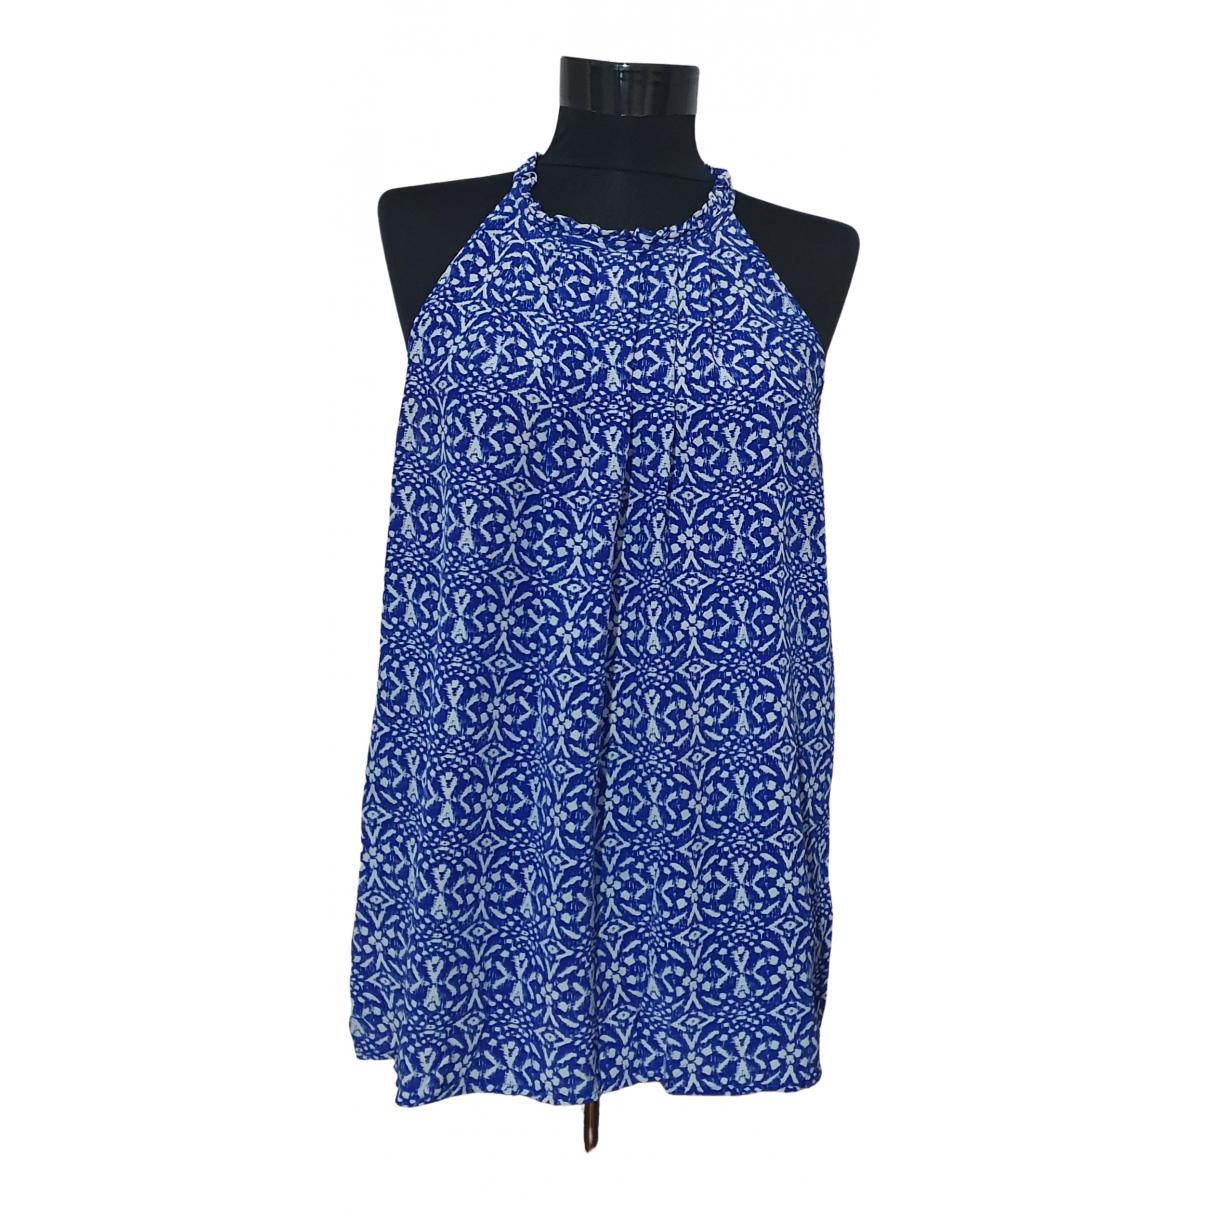 Cynthia Rowley - Top   pour femme en soie - bleu